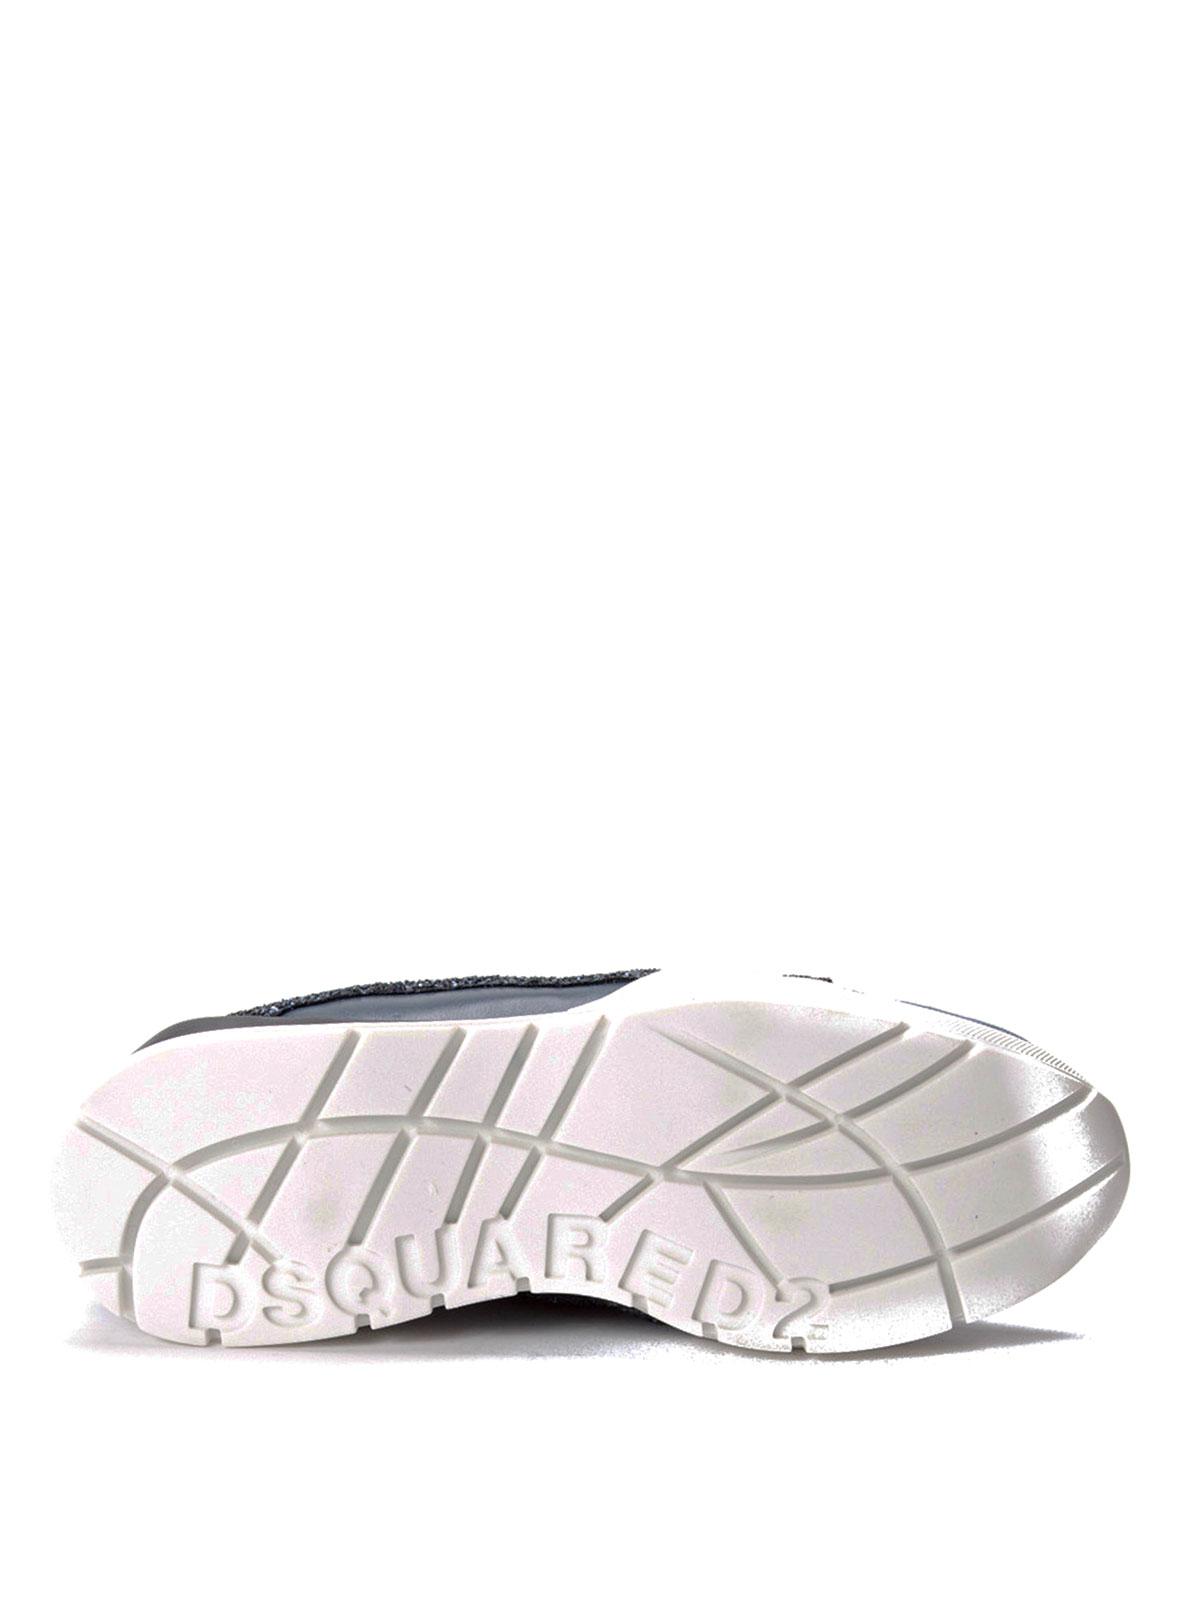 bfa839138dfc2 Dsquared2 - Baskets 551 Sneakers Pour Femme - Chaussures de sport ...